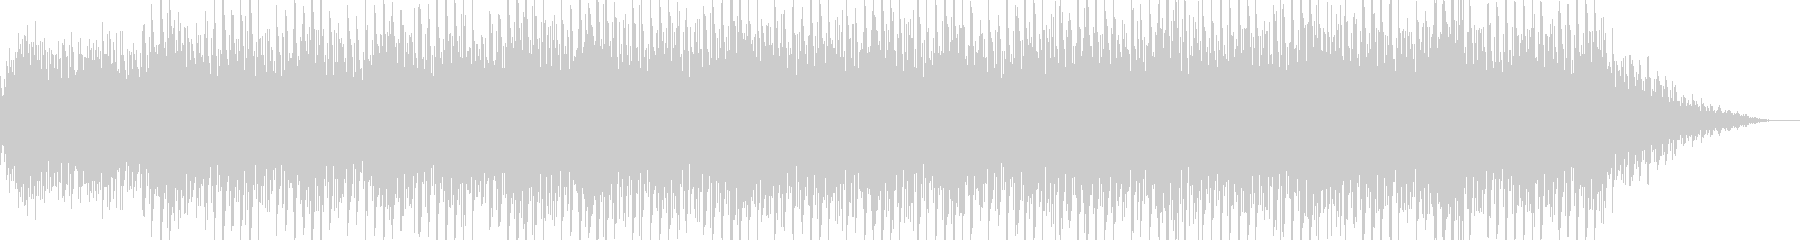 キラキラした感じのシンセのBGM曲です。の未再生の波形